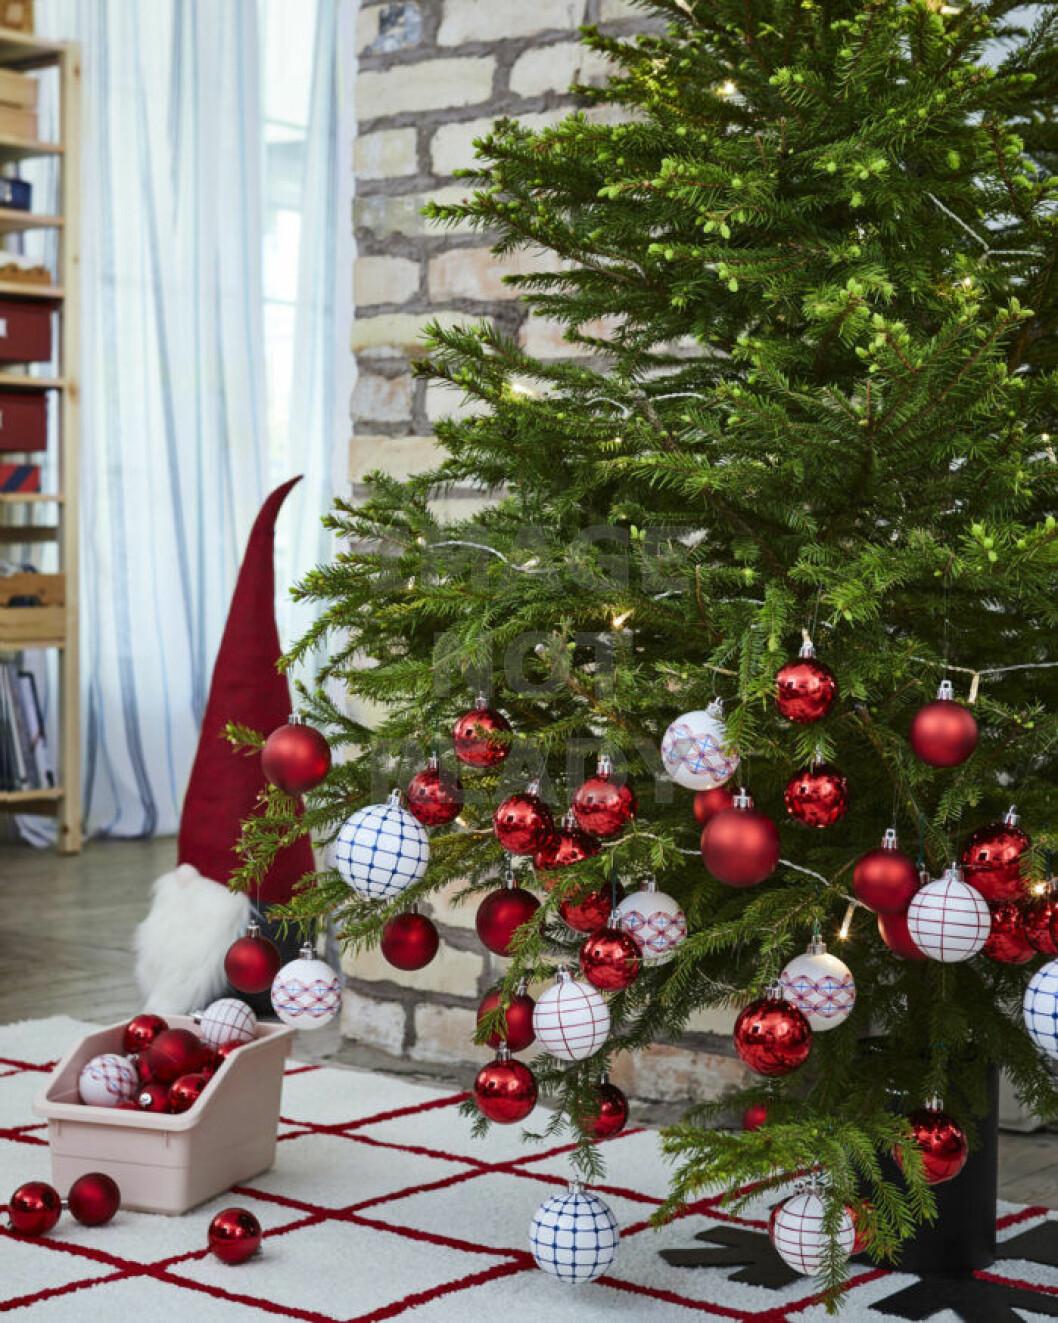 Julgransdekorationer i rött och vitt